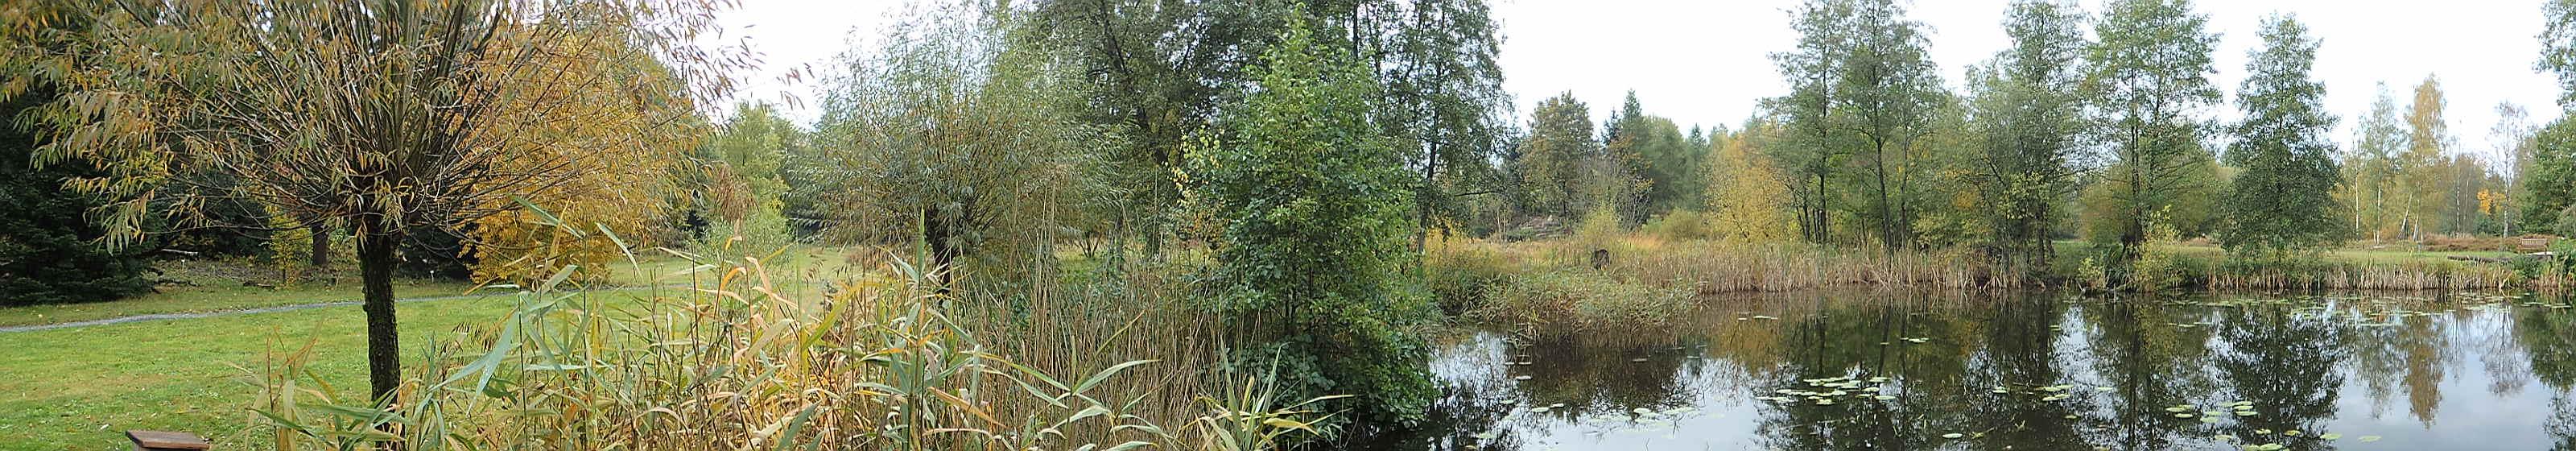 Botanischer Garten Bayreuth 003